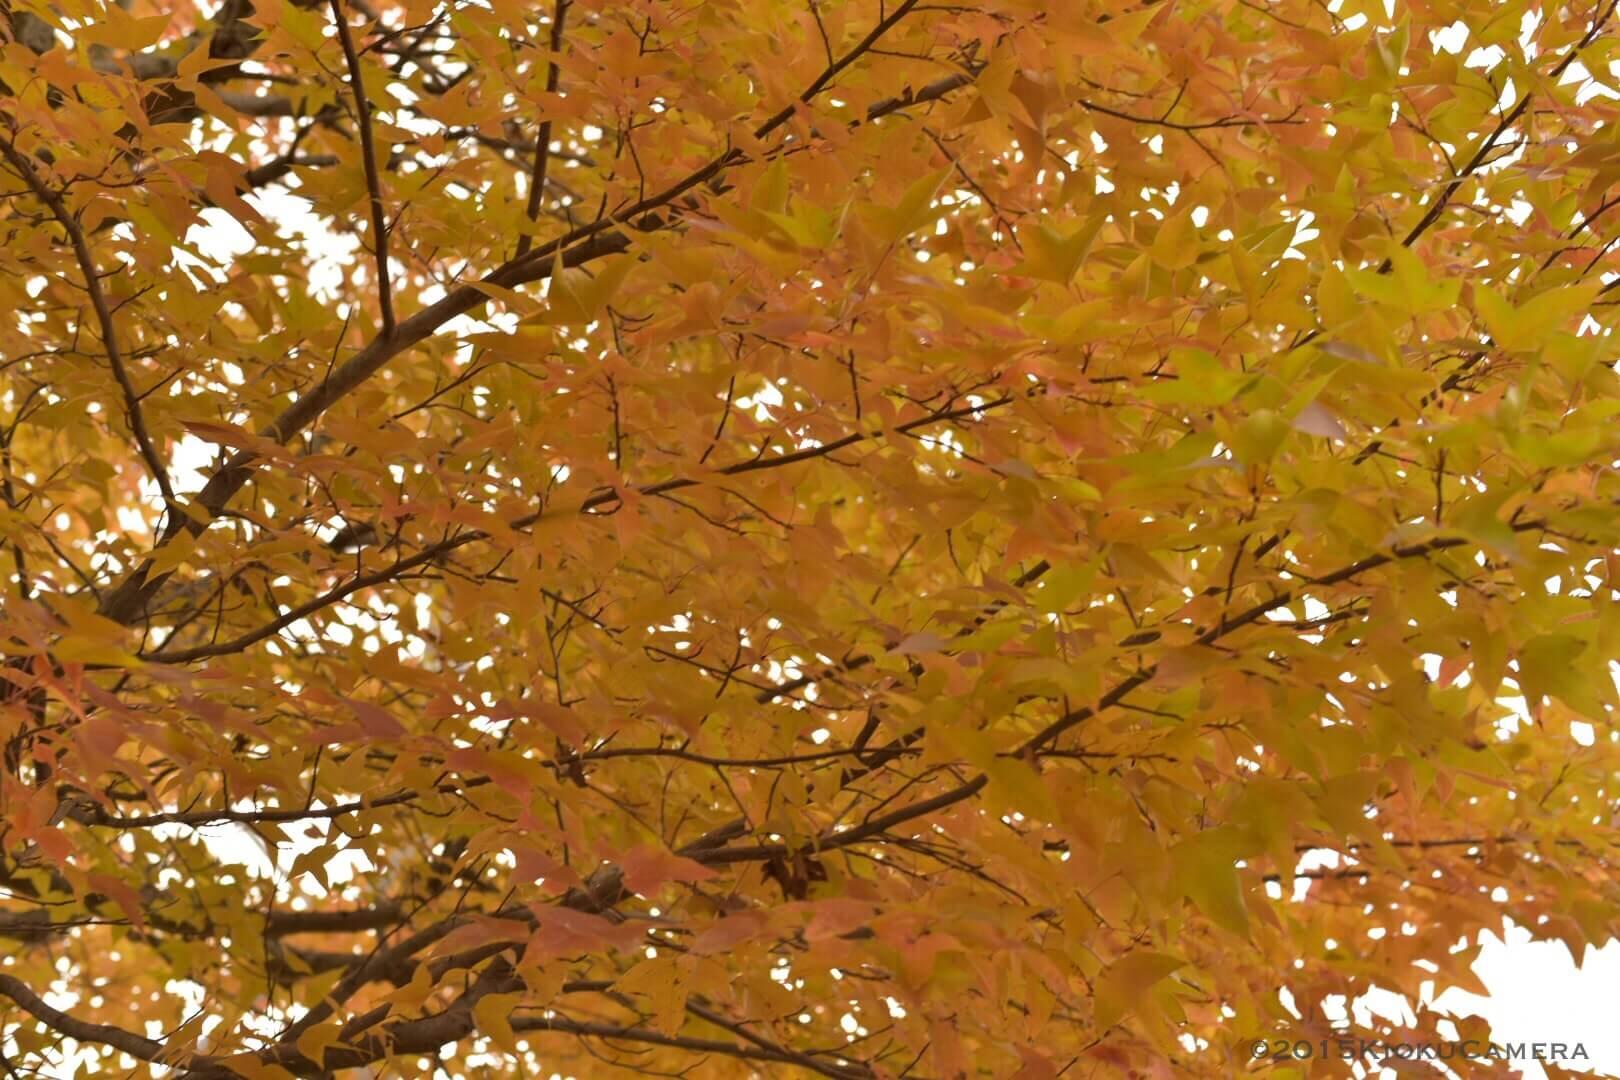 ここからストンと秋冬色になる、と思う。